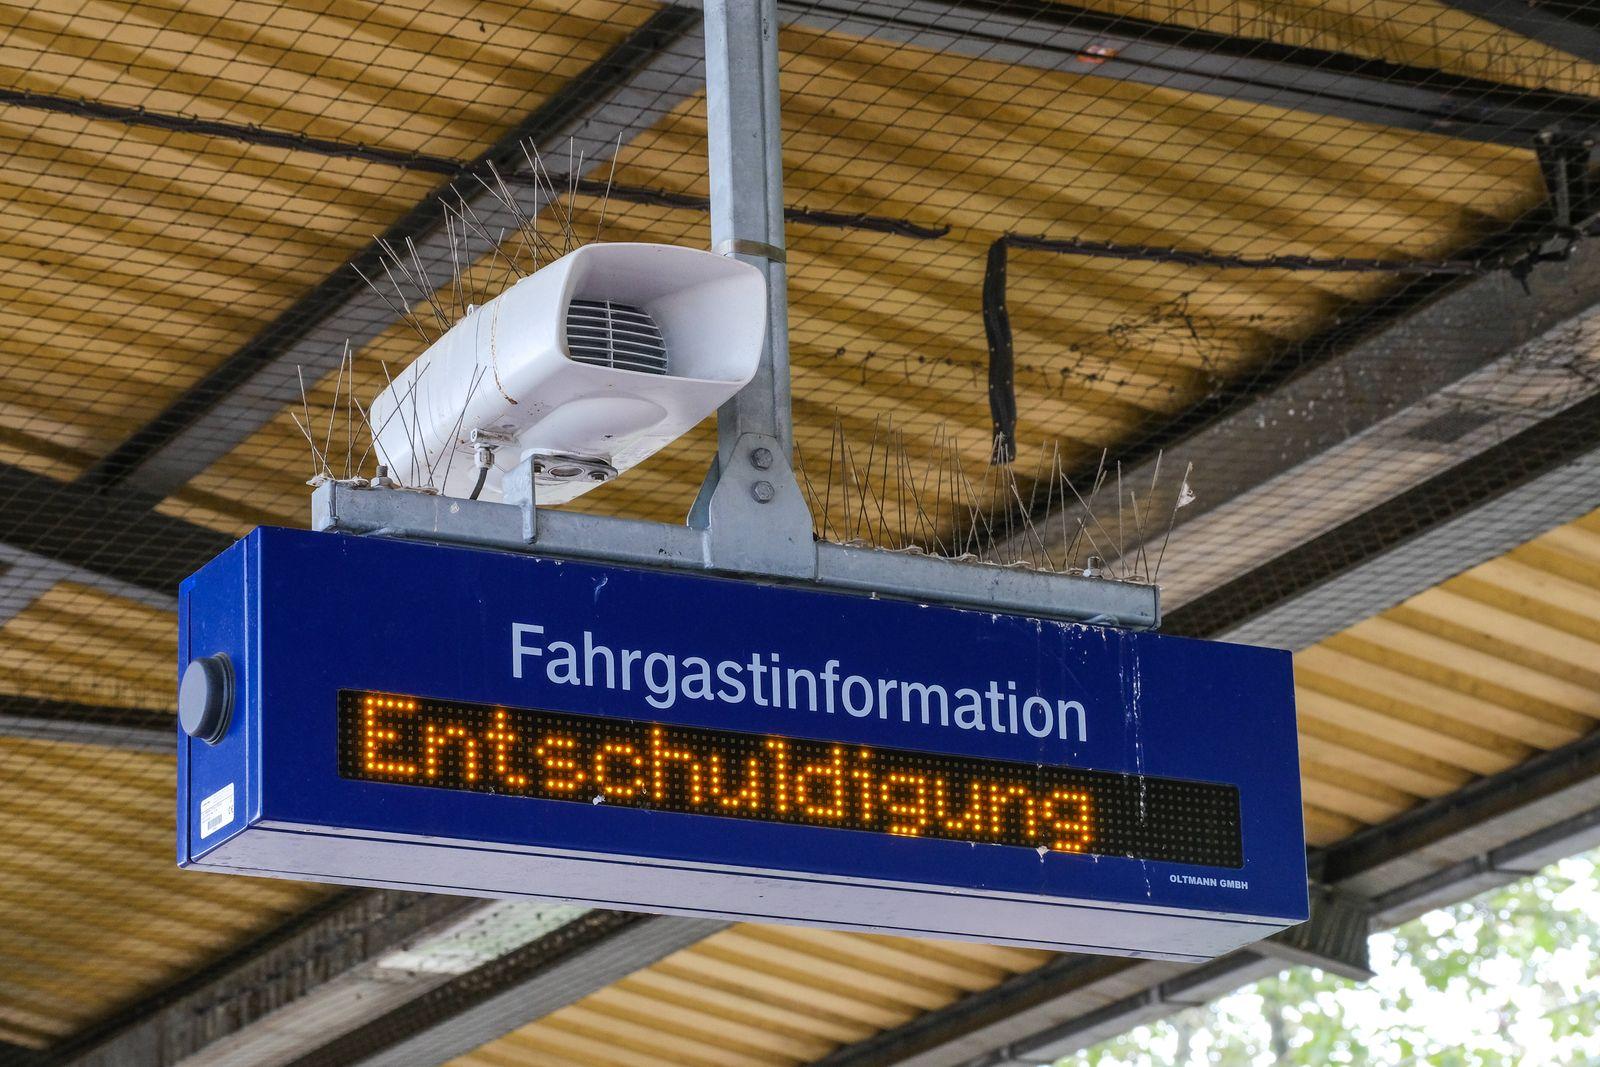 Düsseldorf 11.08.2021 Bahnsteig Entschuldigung Anzeige Anzeigetafel Infotafel Leuchttafel Laufband Lautsprecher Fahrgas